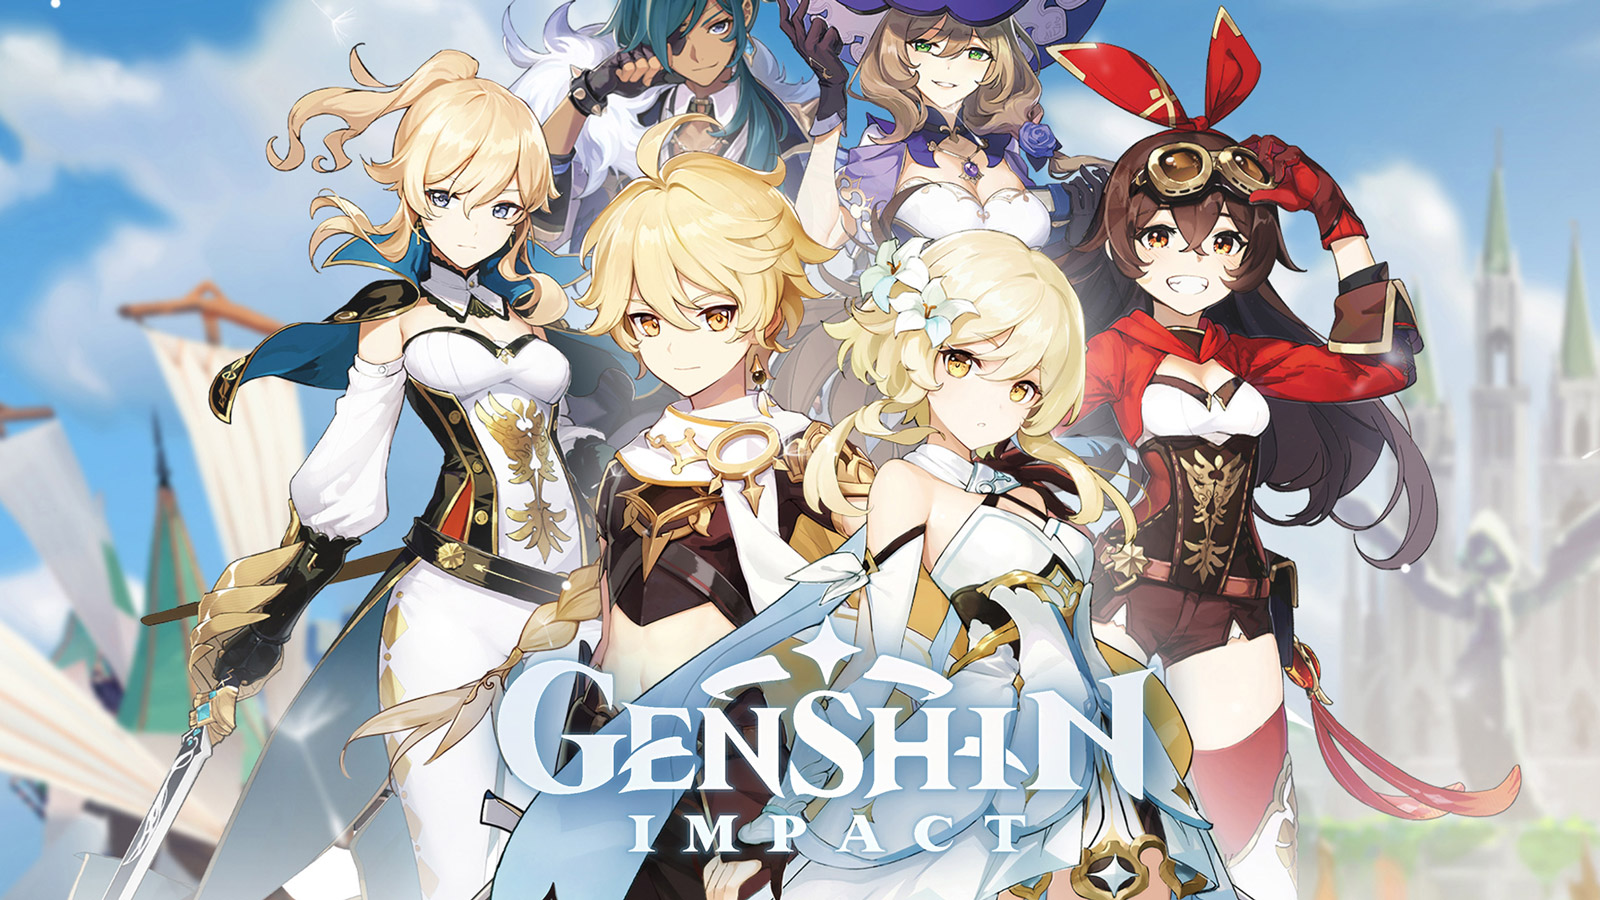 Free Genshin Impact Wallpaper in 1600x900